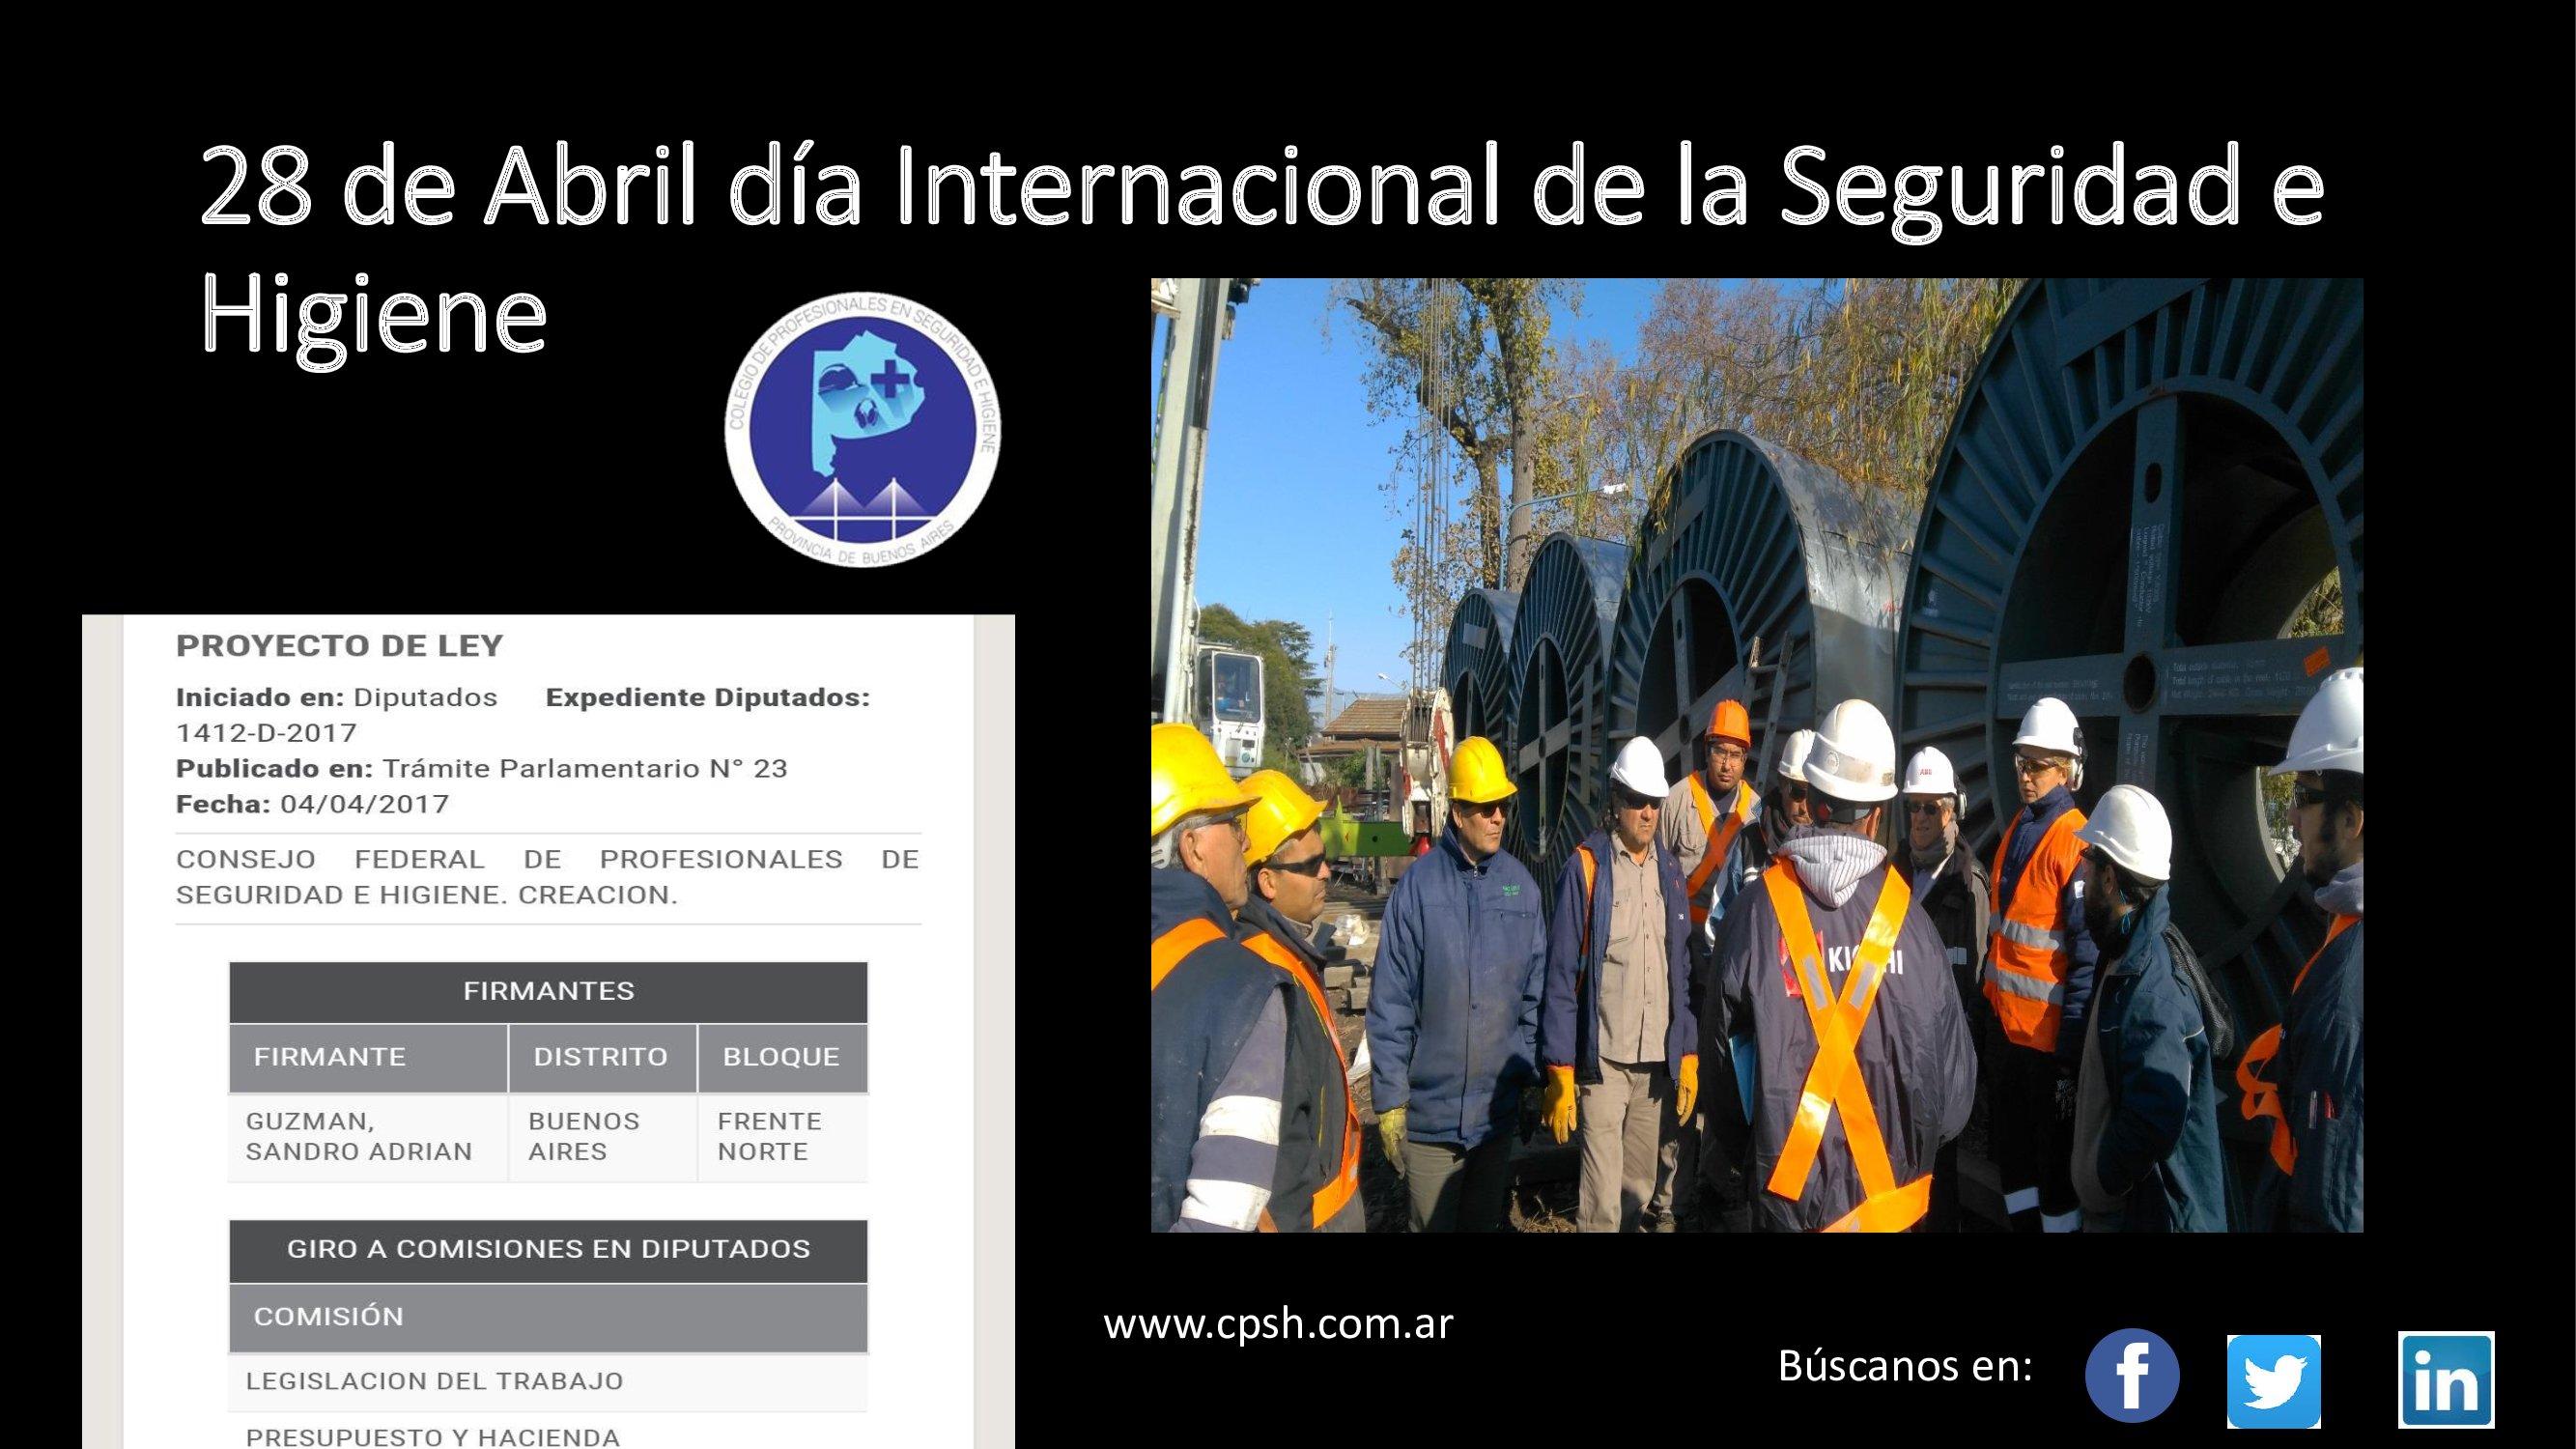 #DíaMundialdelaSeguridadySaludenelTrabajo / La Comisión Promotora del Colegio de Profesionales de Seguridad e Higiene saluda a los trabajadores